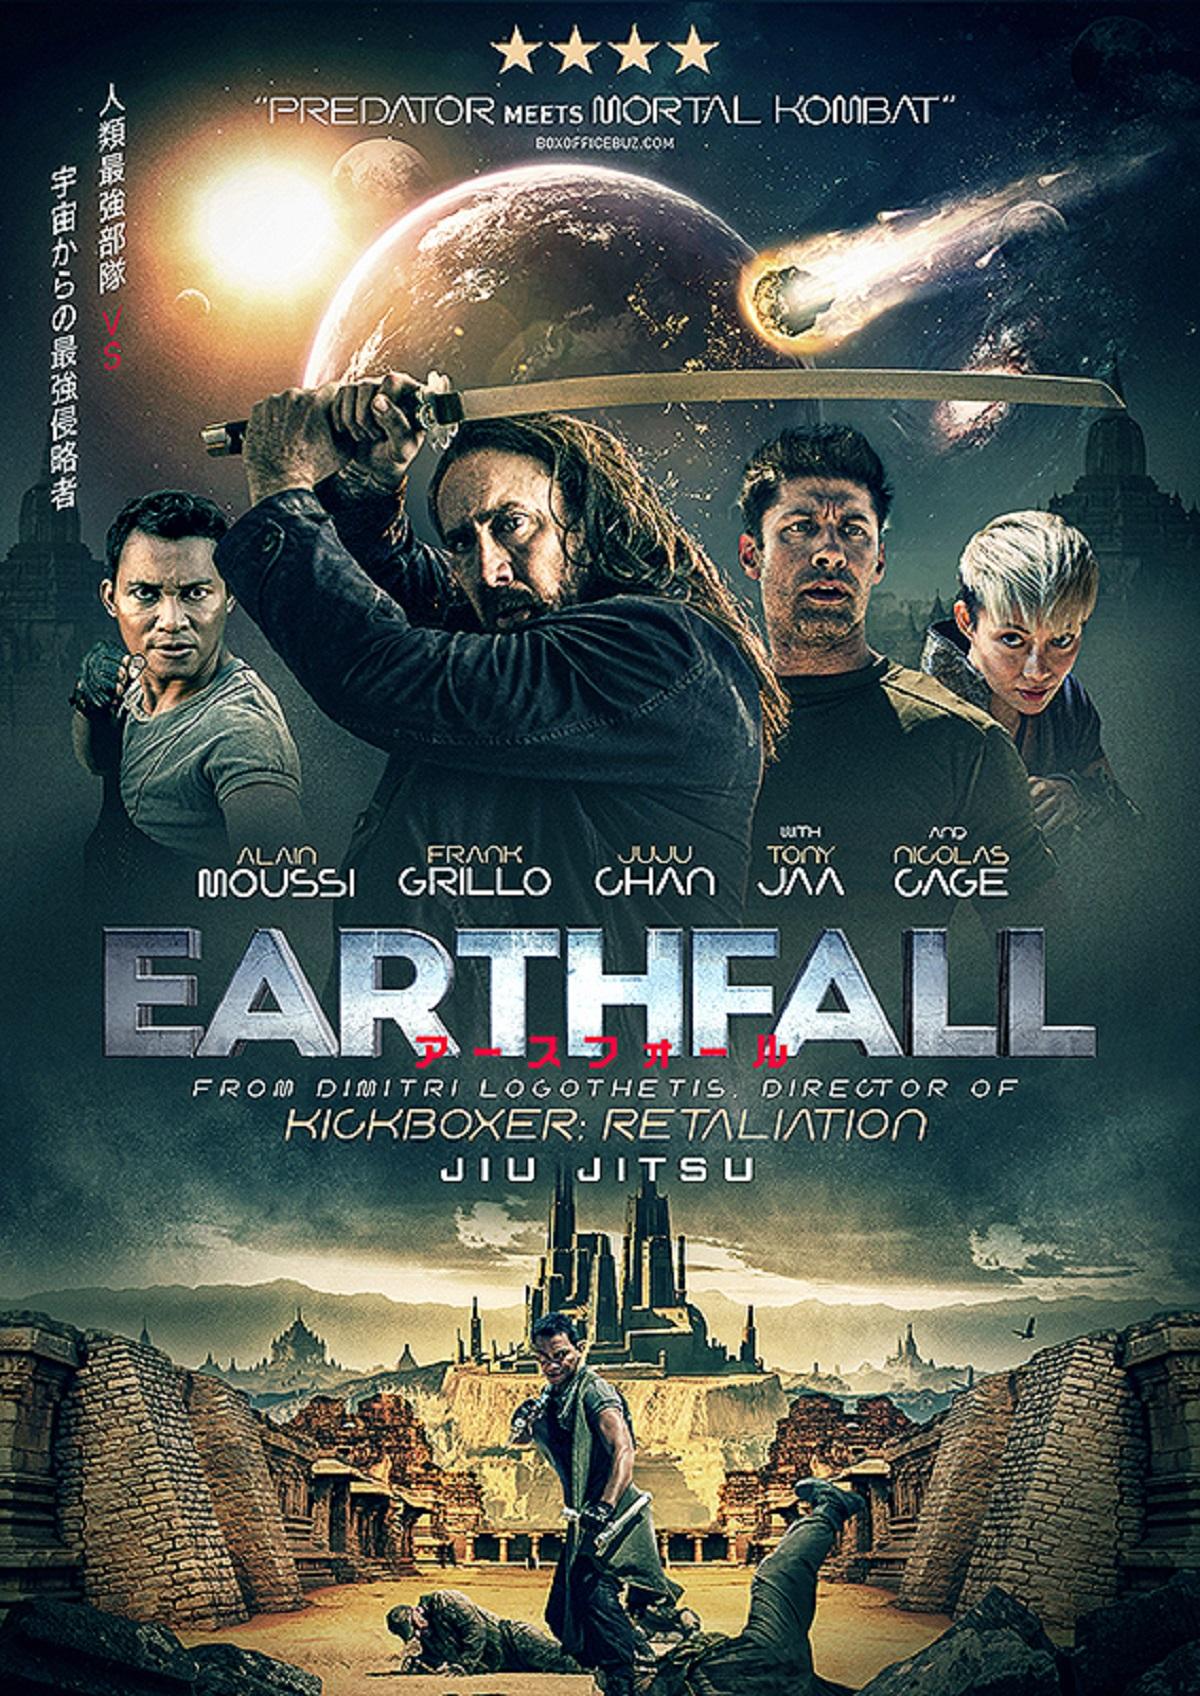 映画『アースホール』ポスター